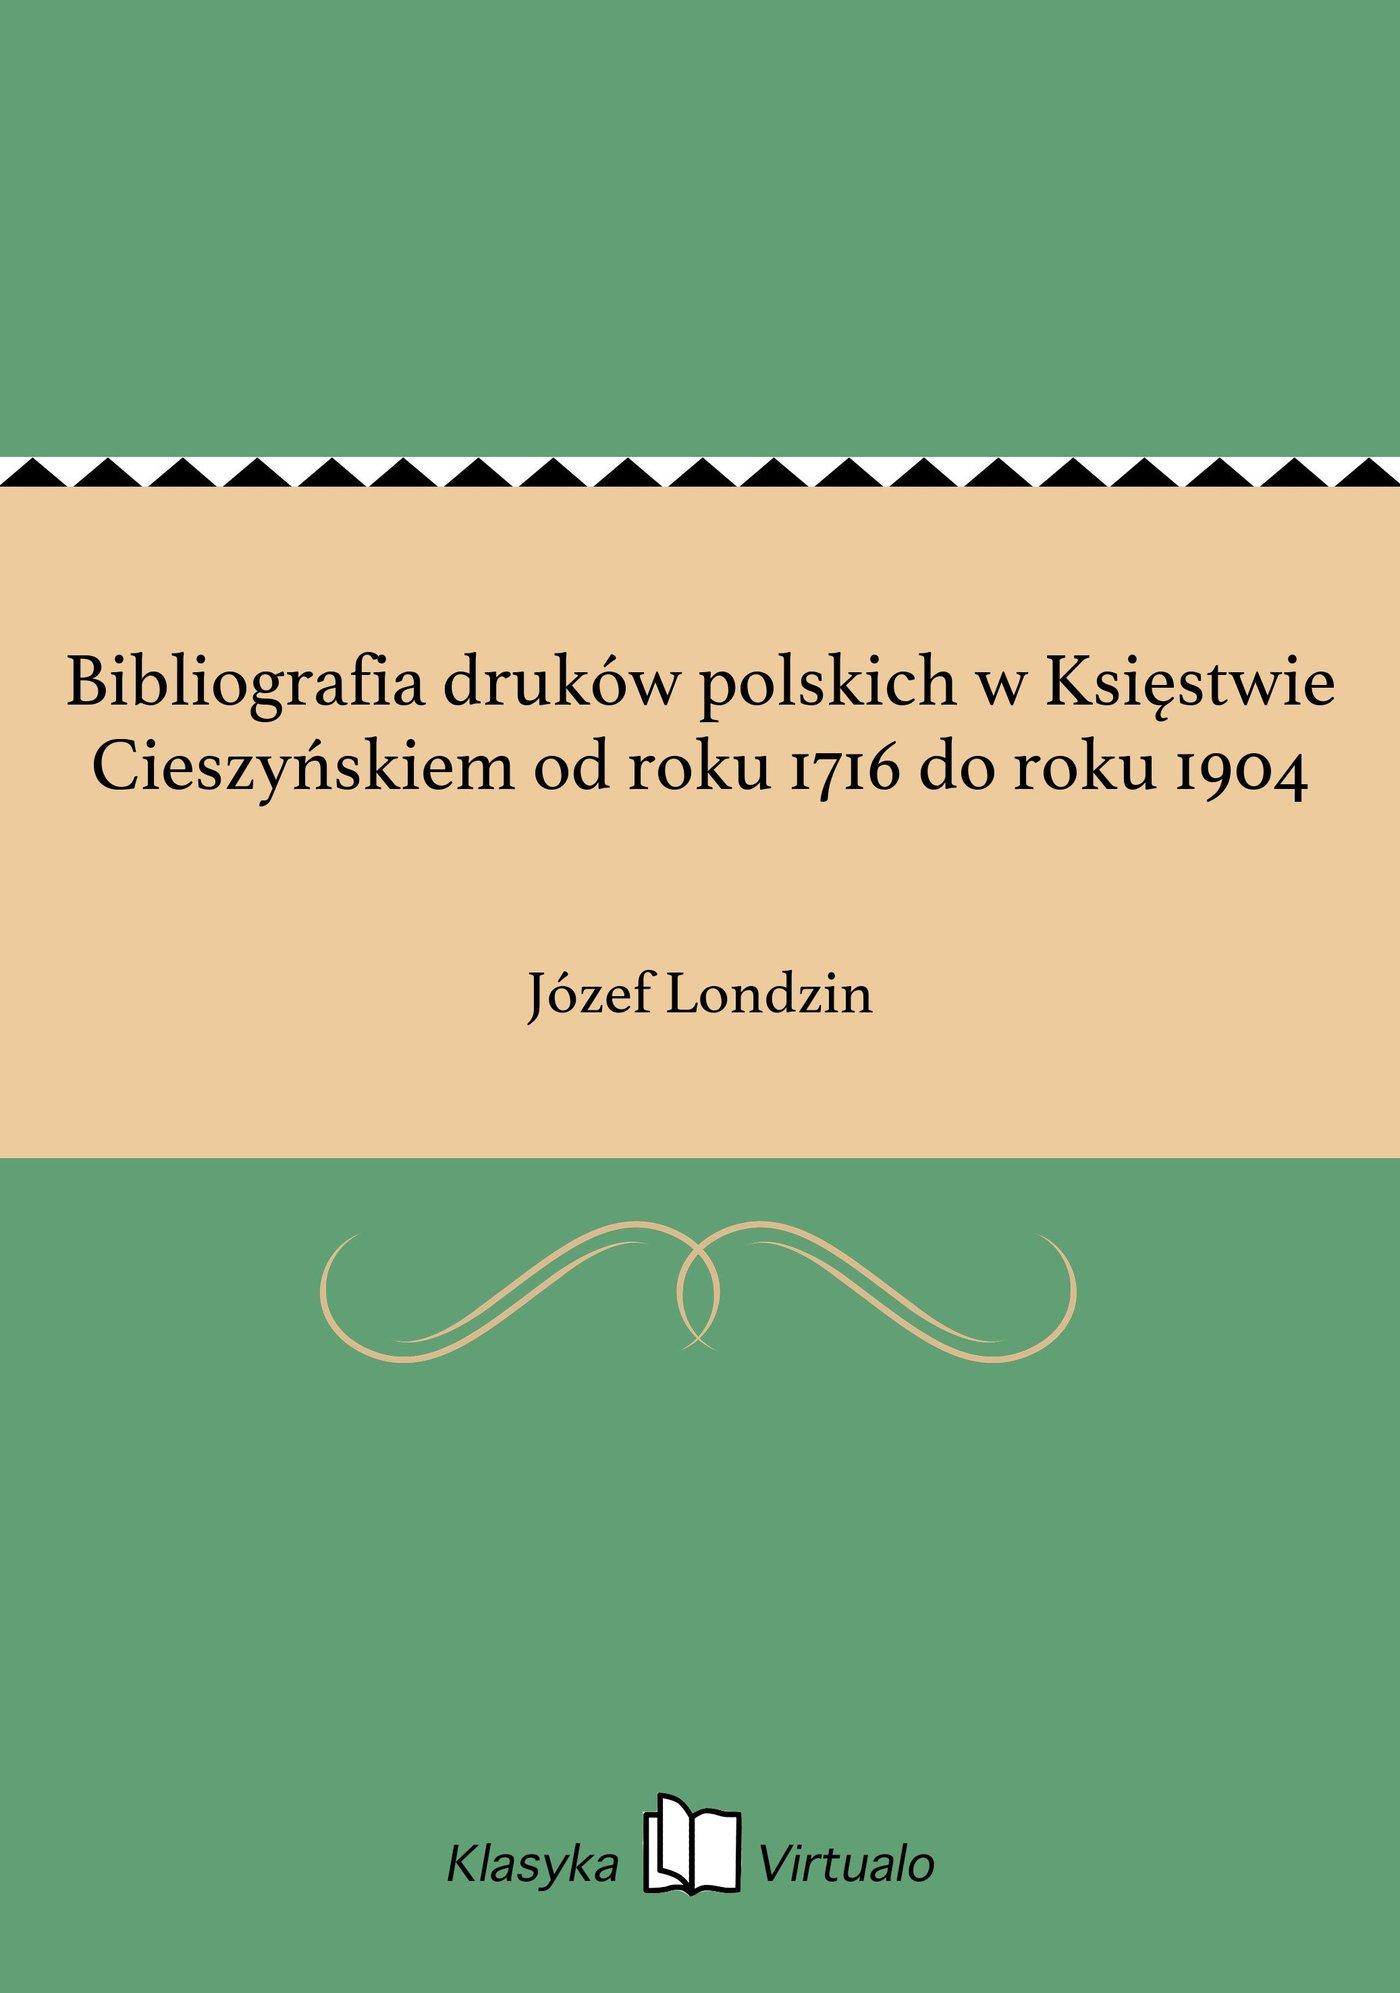 Bibliografia druków polskich w Księstwie Cieszyńskiem od roku 1716 do roku 1904 - Ebook (Książka EPUB) do pobrania w formacie EPUB